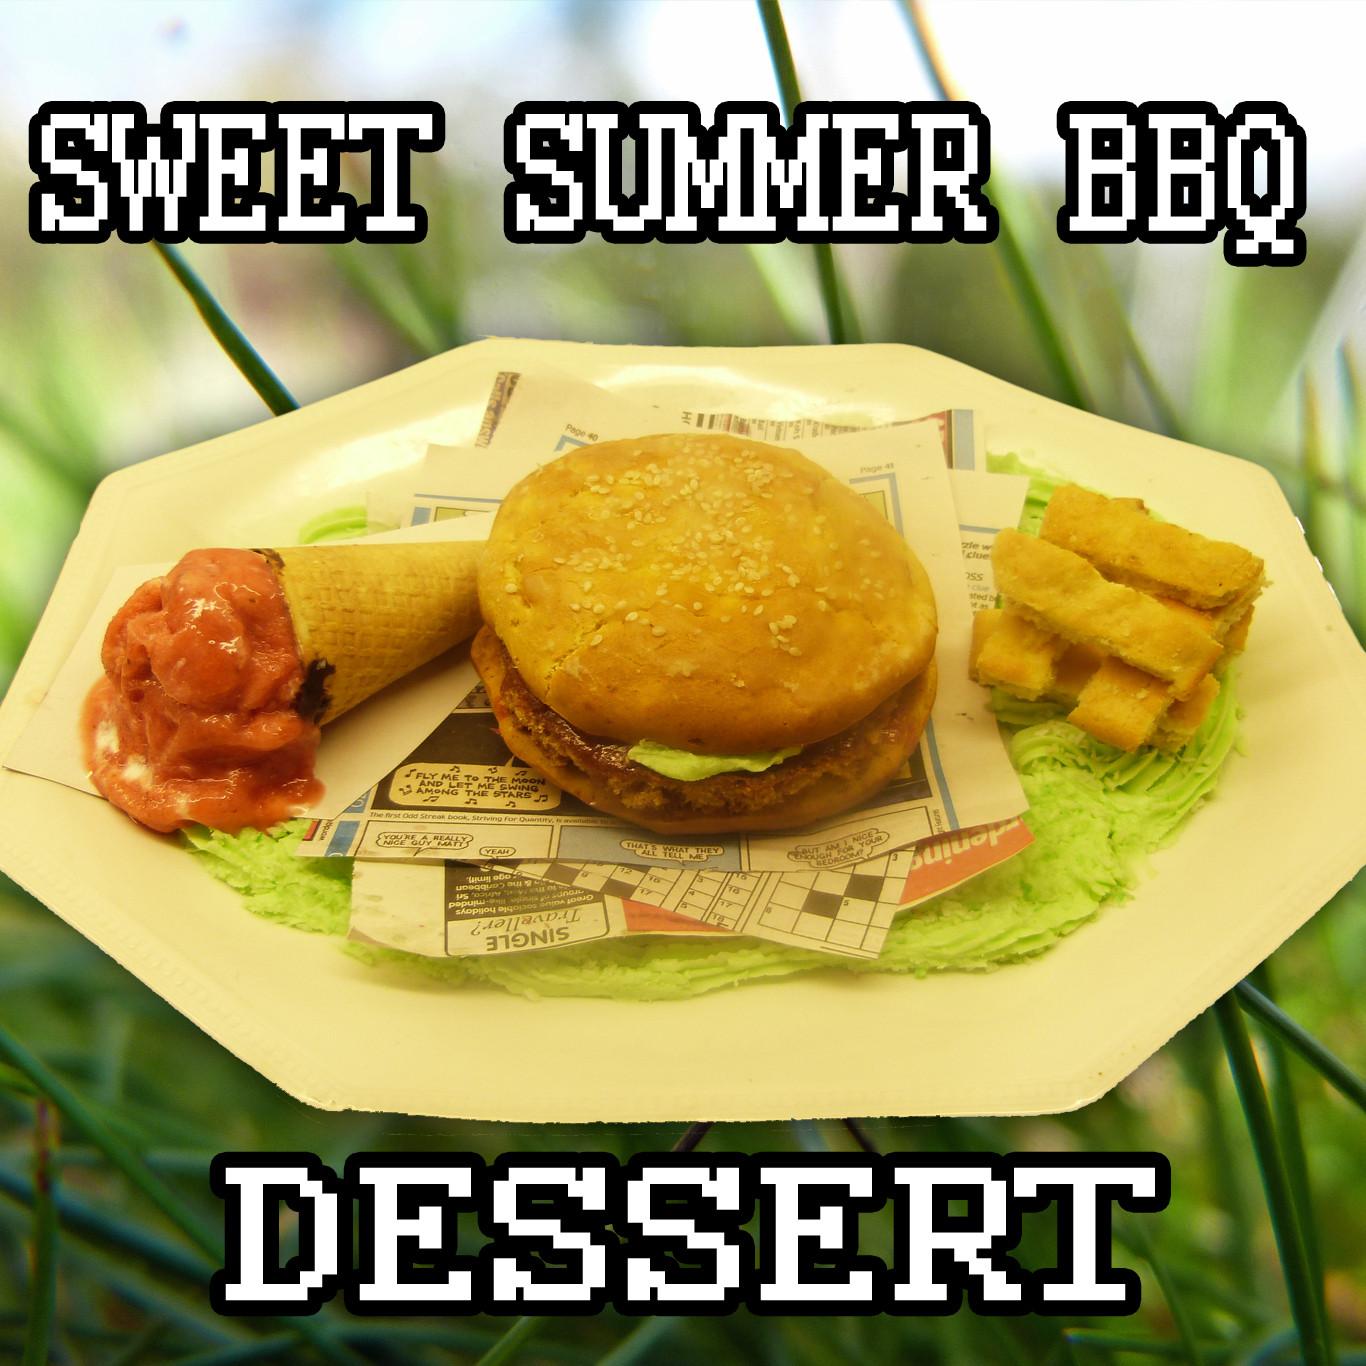 Summertime Bbq Desserts  Sweet Summer BBQ Dessert